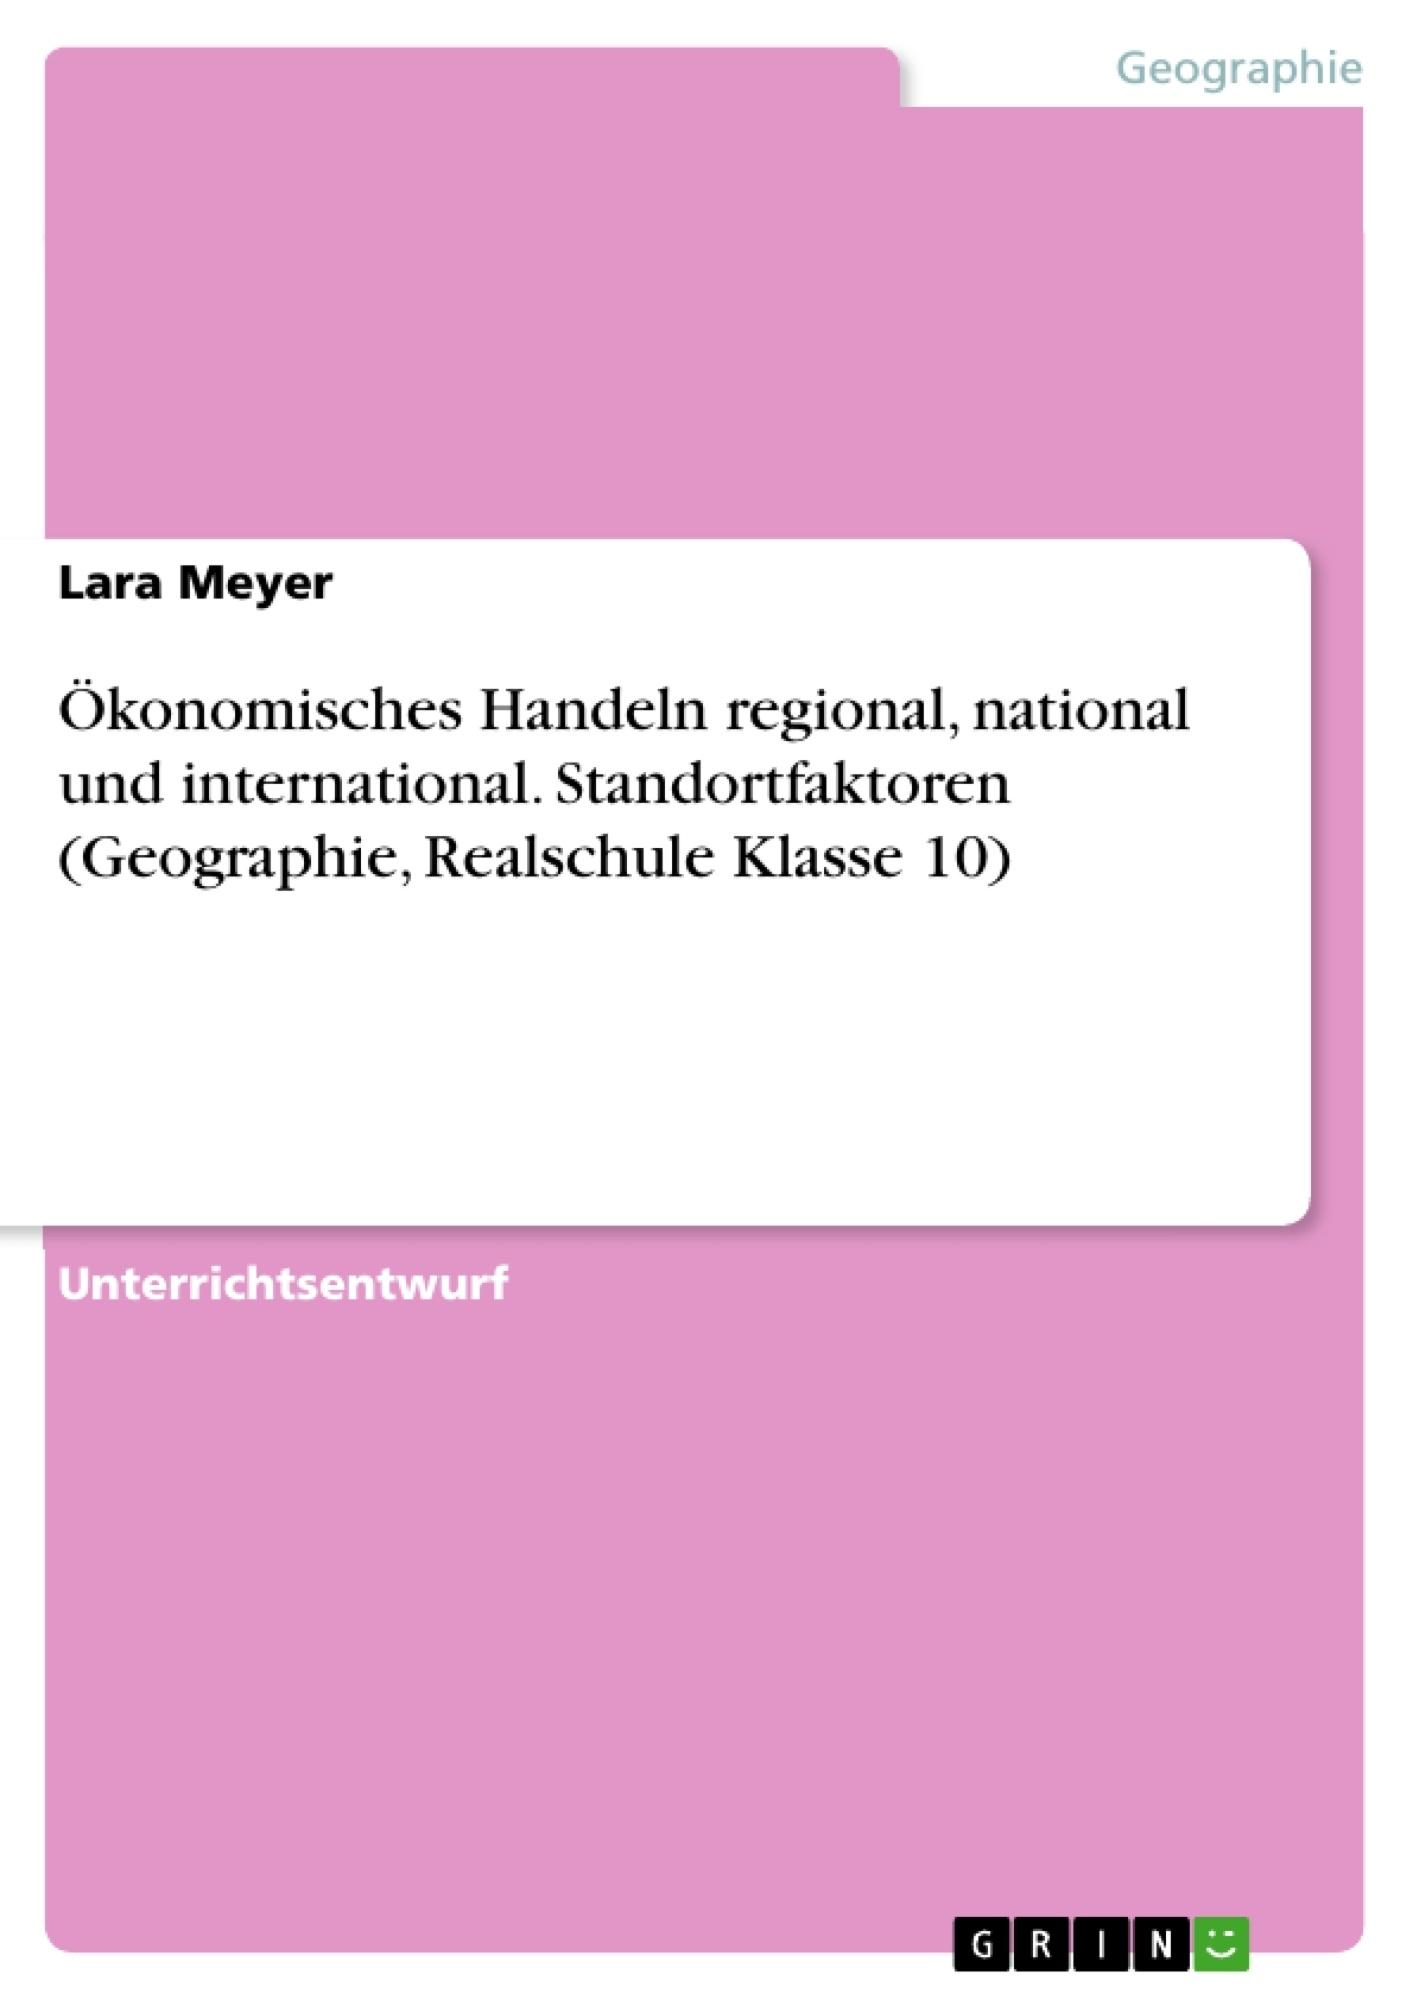 Titel: Ökonomisches Handeln regional, national und international. Standortfaktoren (Geographie, Realschule Klasse 10)